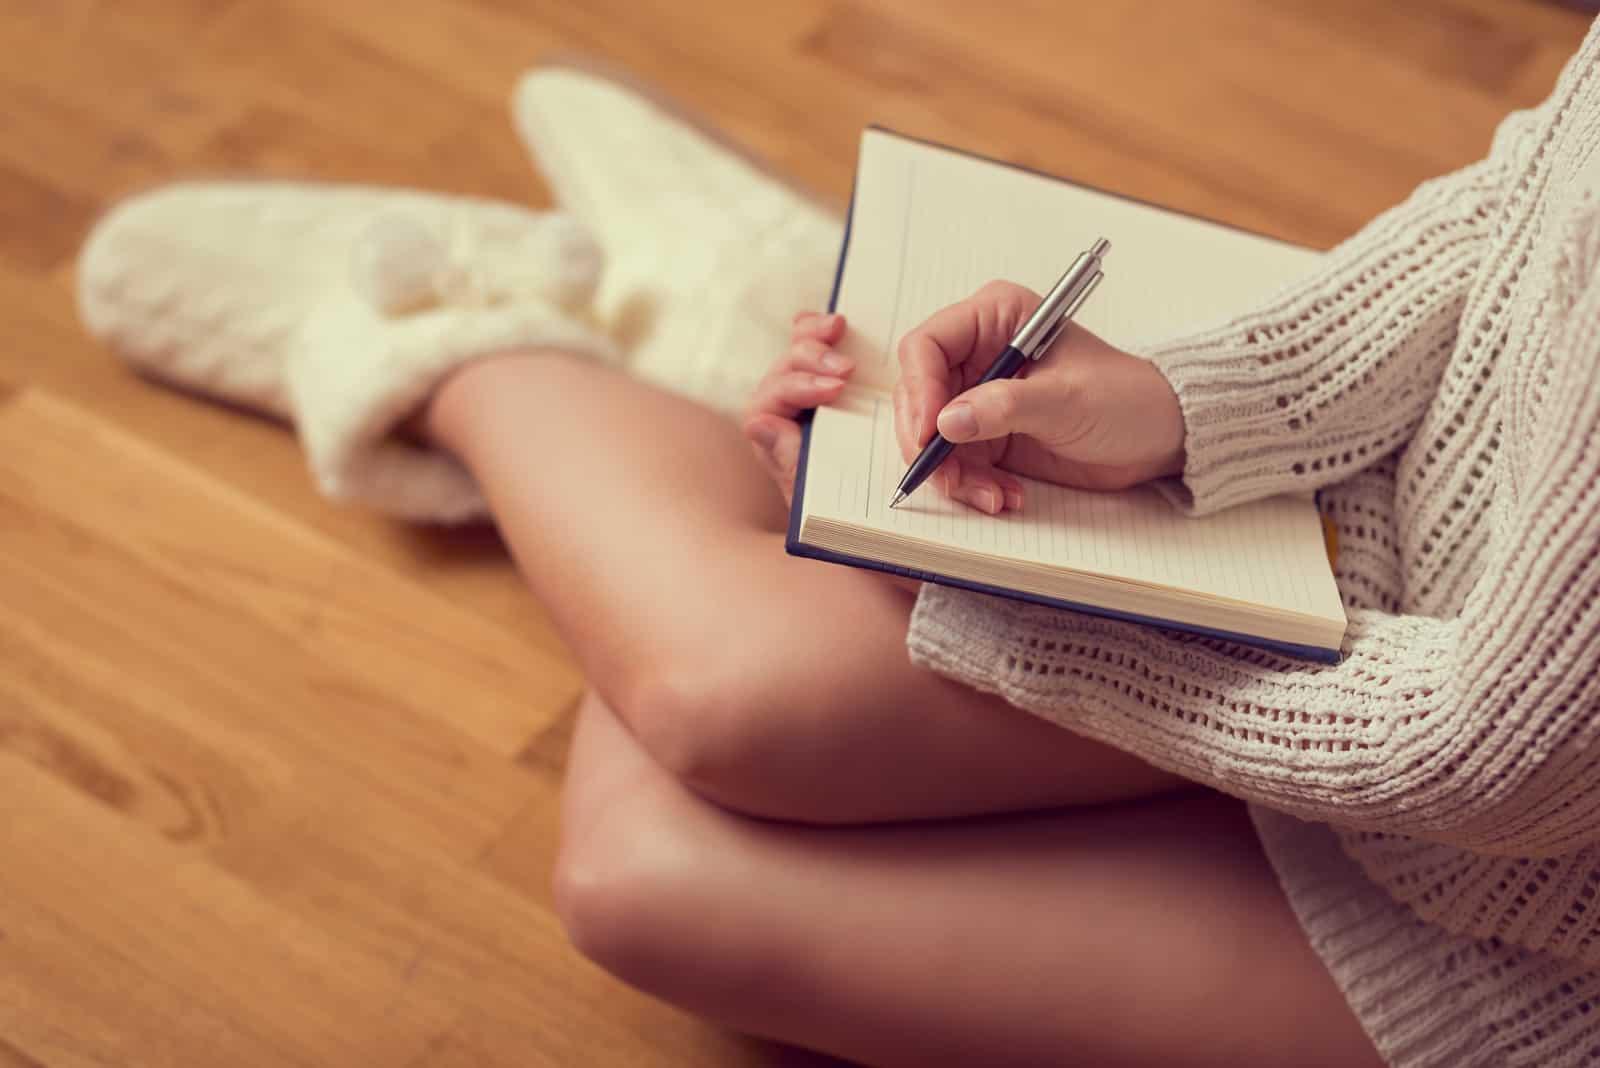 une femme est assise sur le sol et écrit une lettre